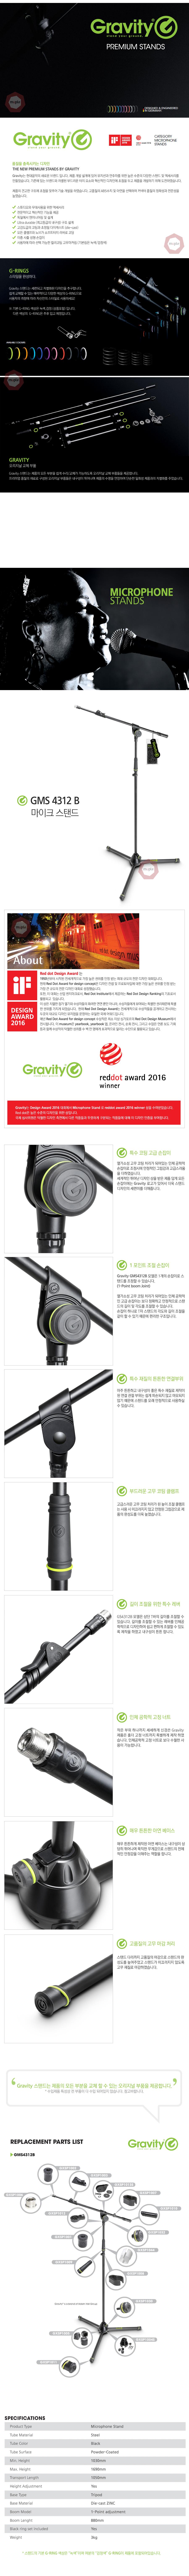 GMS4312B-info.JPG